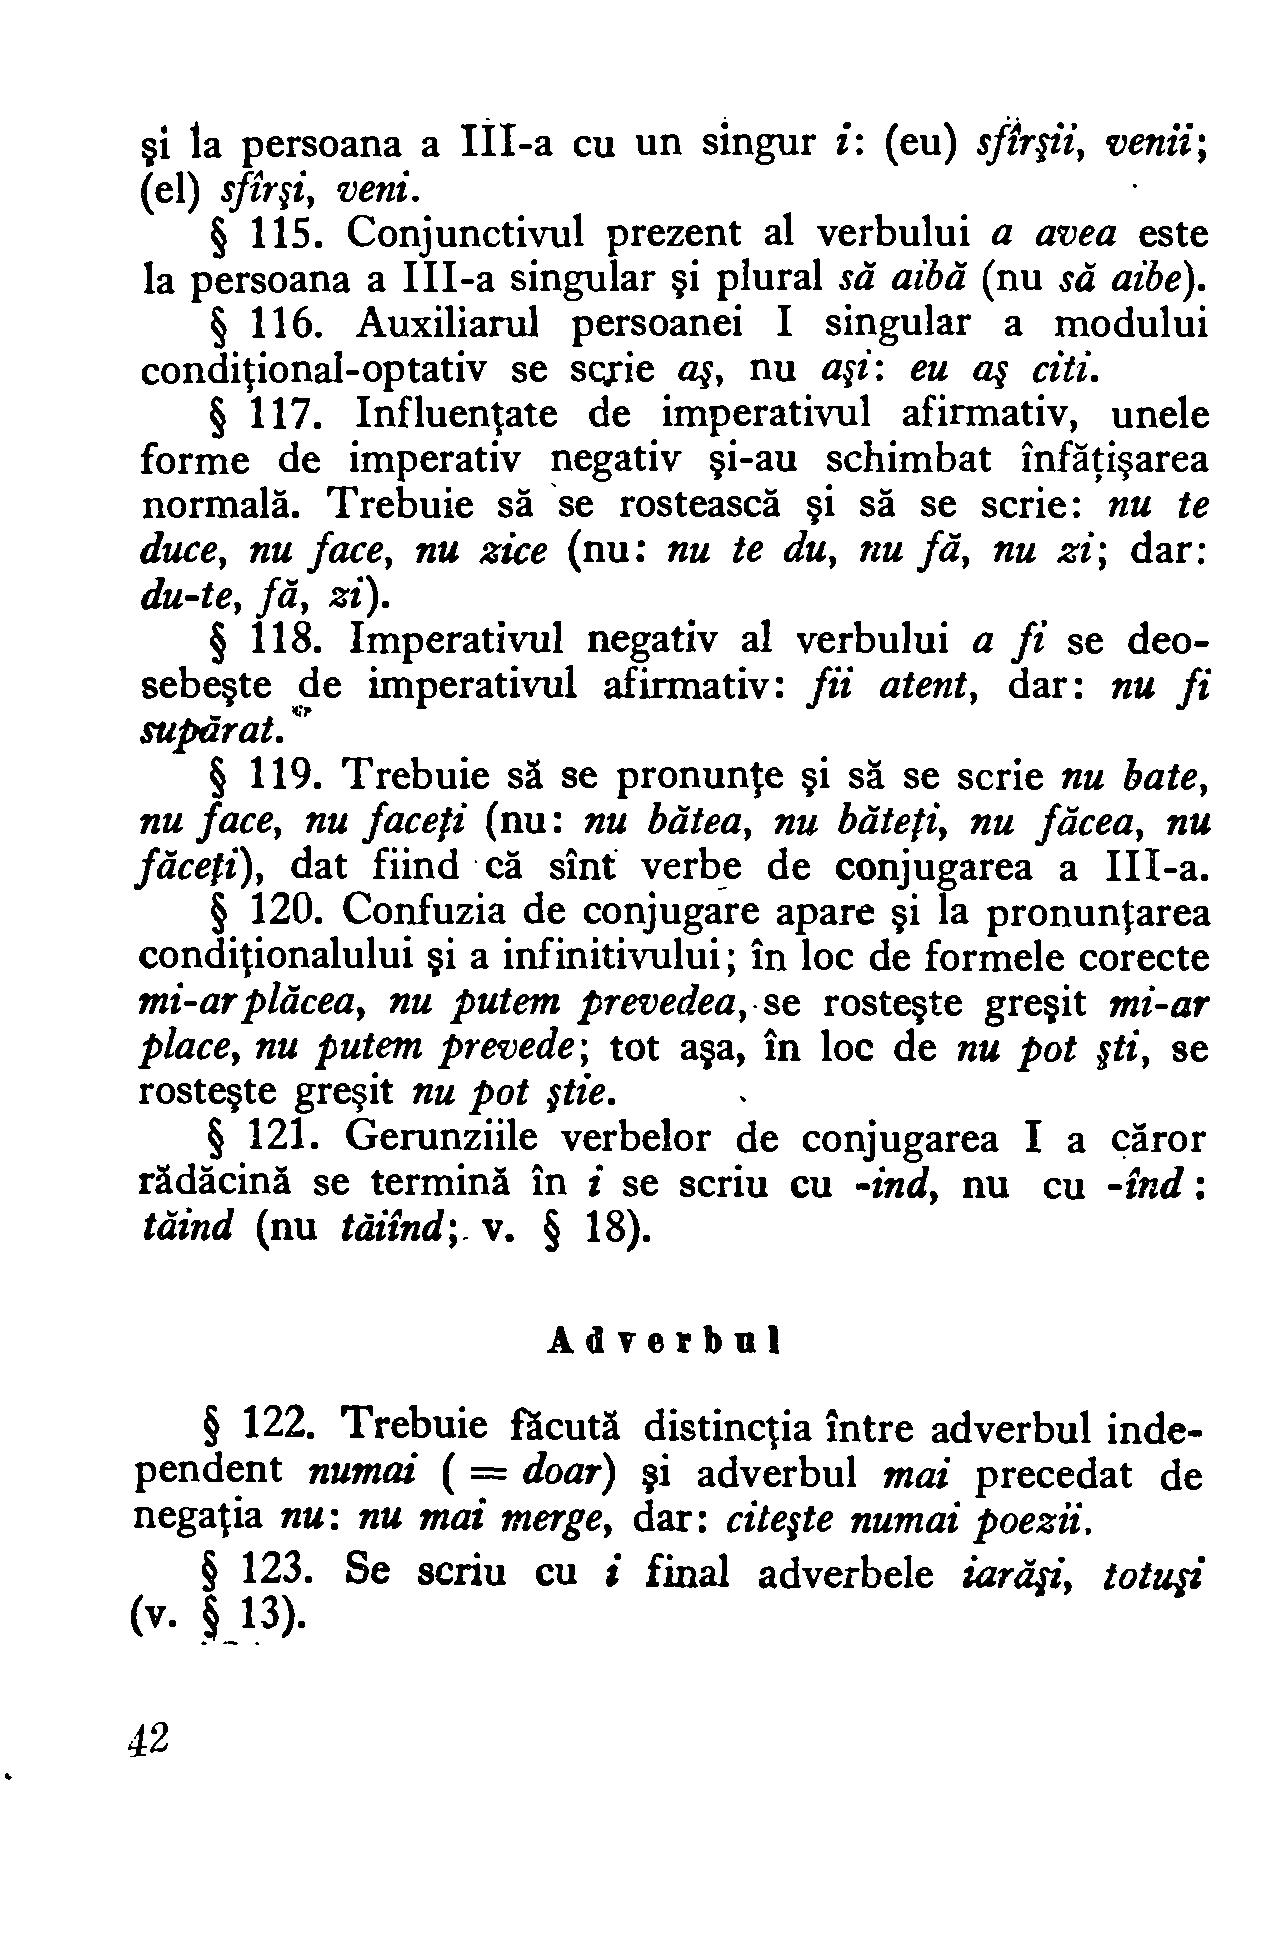 1954 - Mic dicționar ortografic (40).png